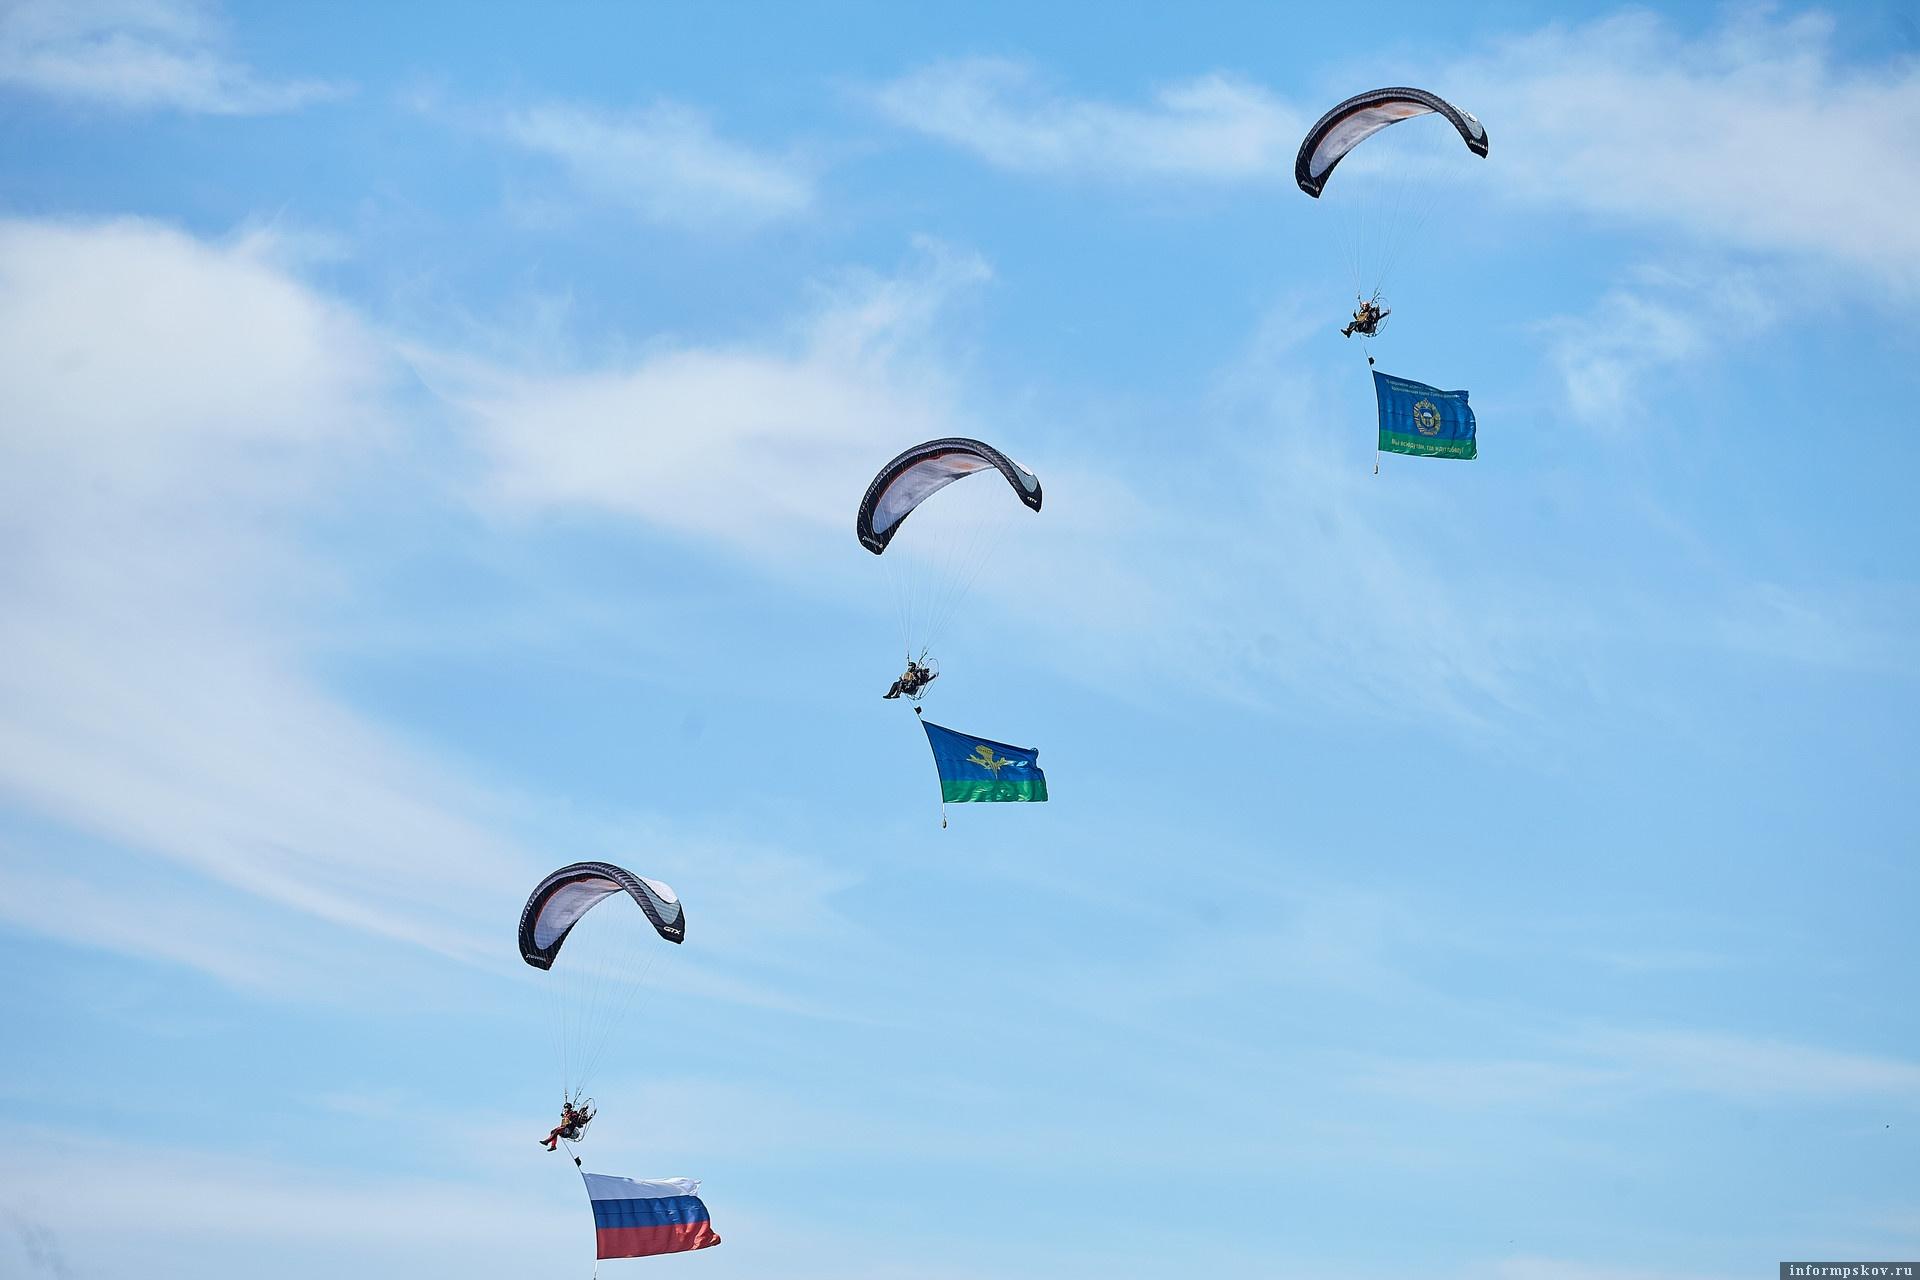 76-я дивизия ВДВ проведет ряд торжественных мероприятий в честь Дня Победы. Фото Дарьи Хватковой.